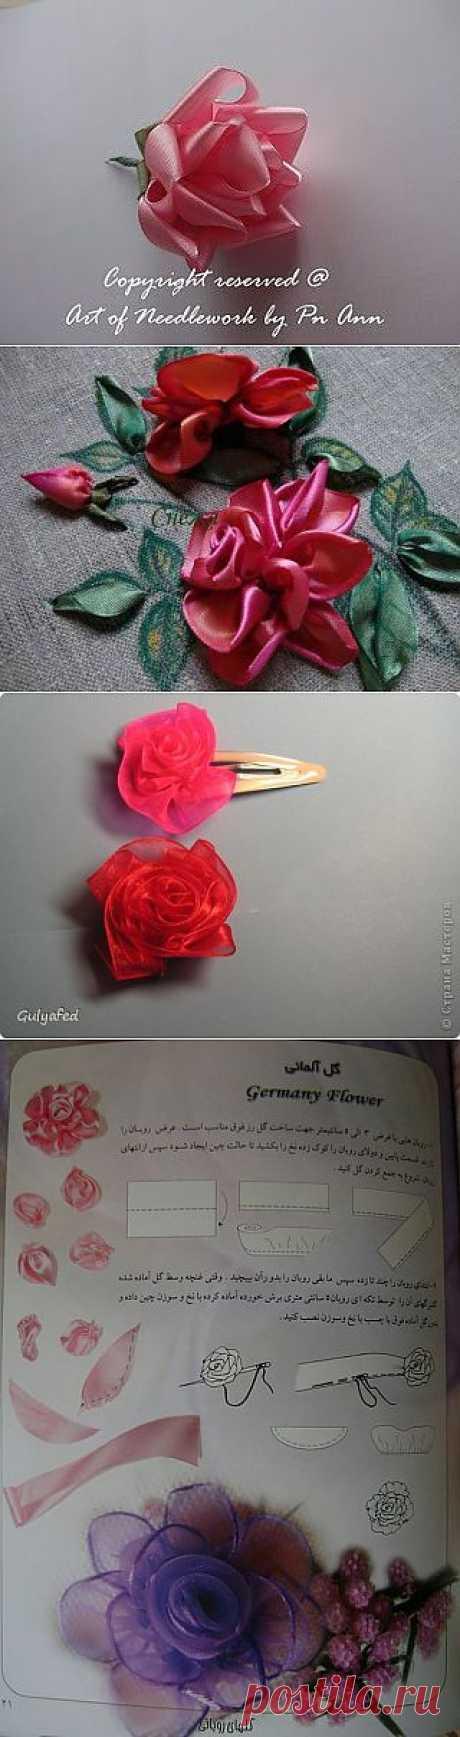 мастер-класс вышивки лентой(роза)ч.4